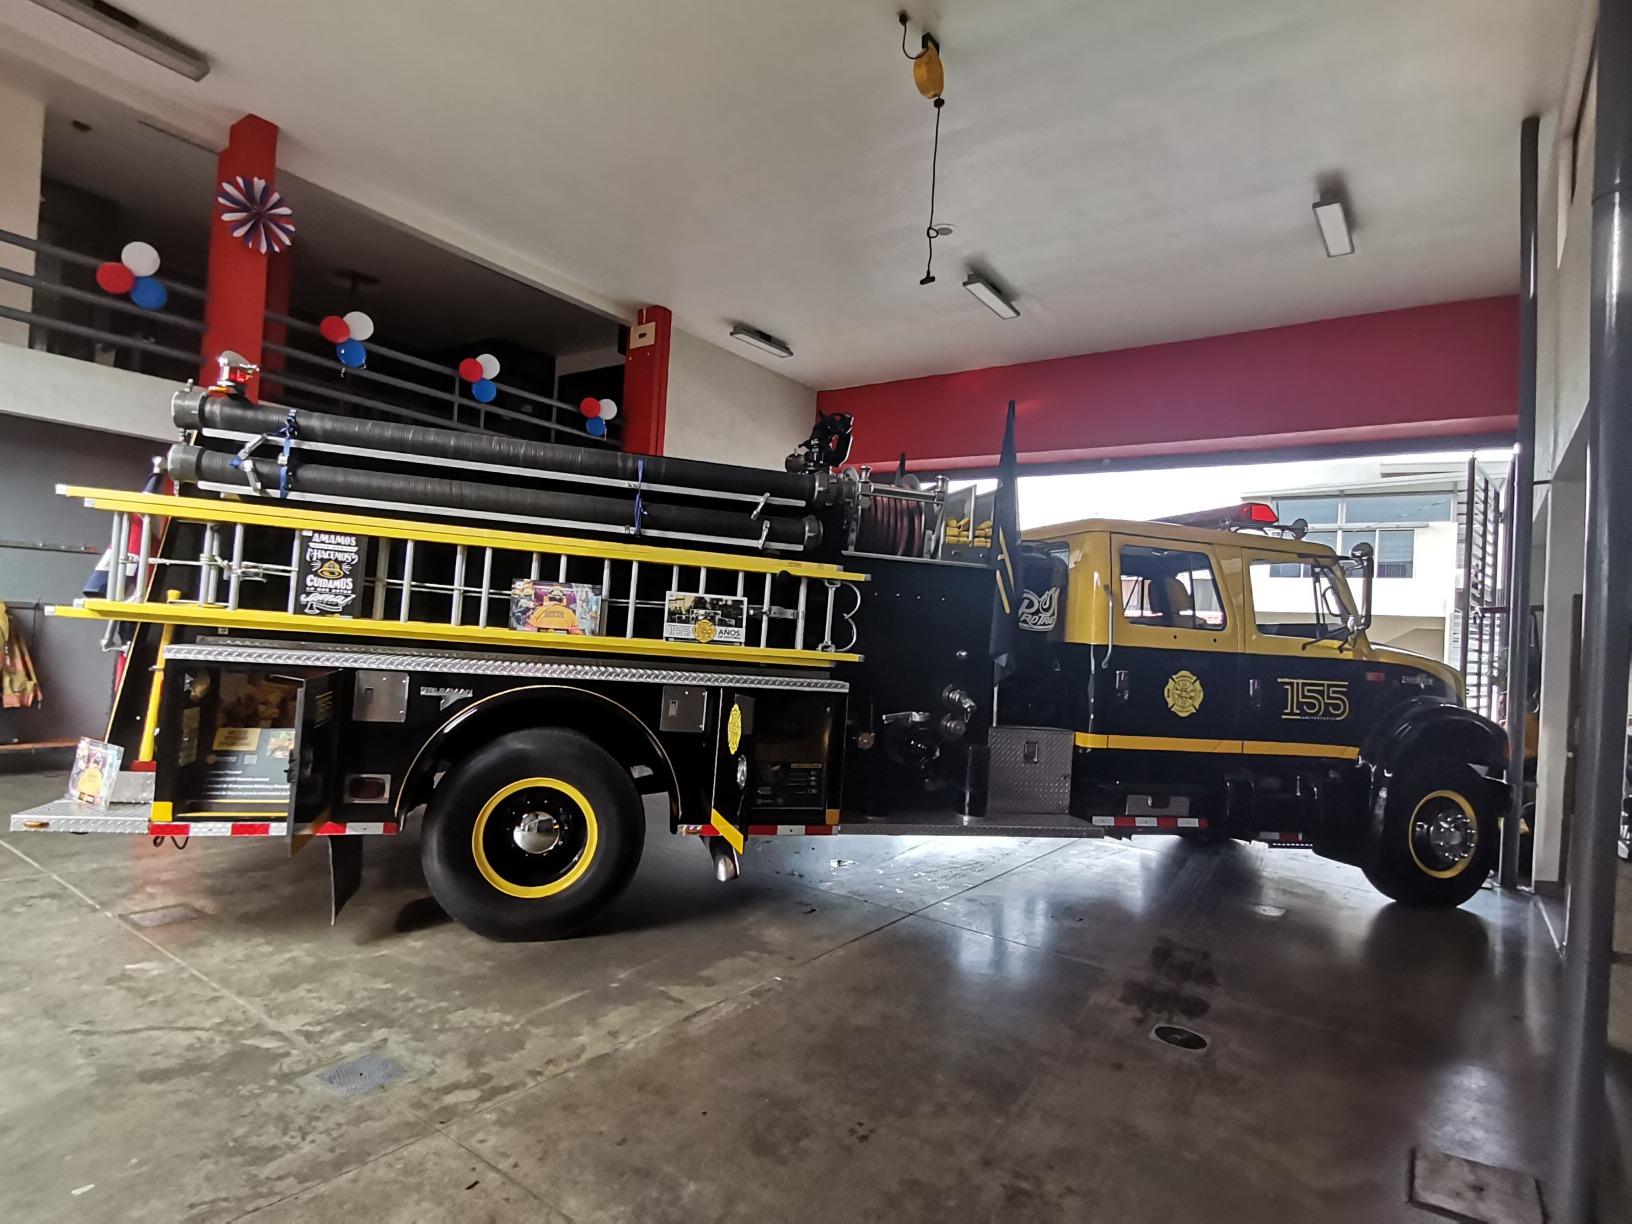 La Unidad 155 se exhibió en la Estación de Bomberos de Belén el 10 y 11 de septiembre del 2021.